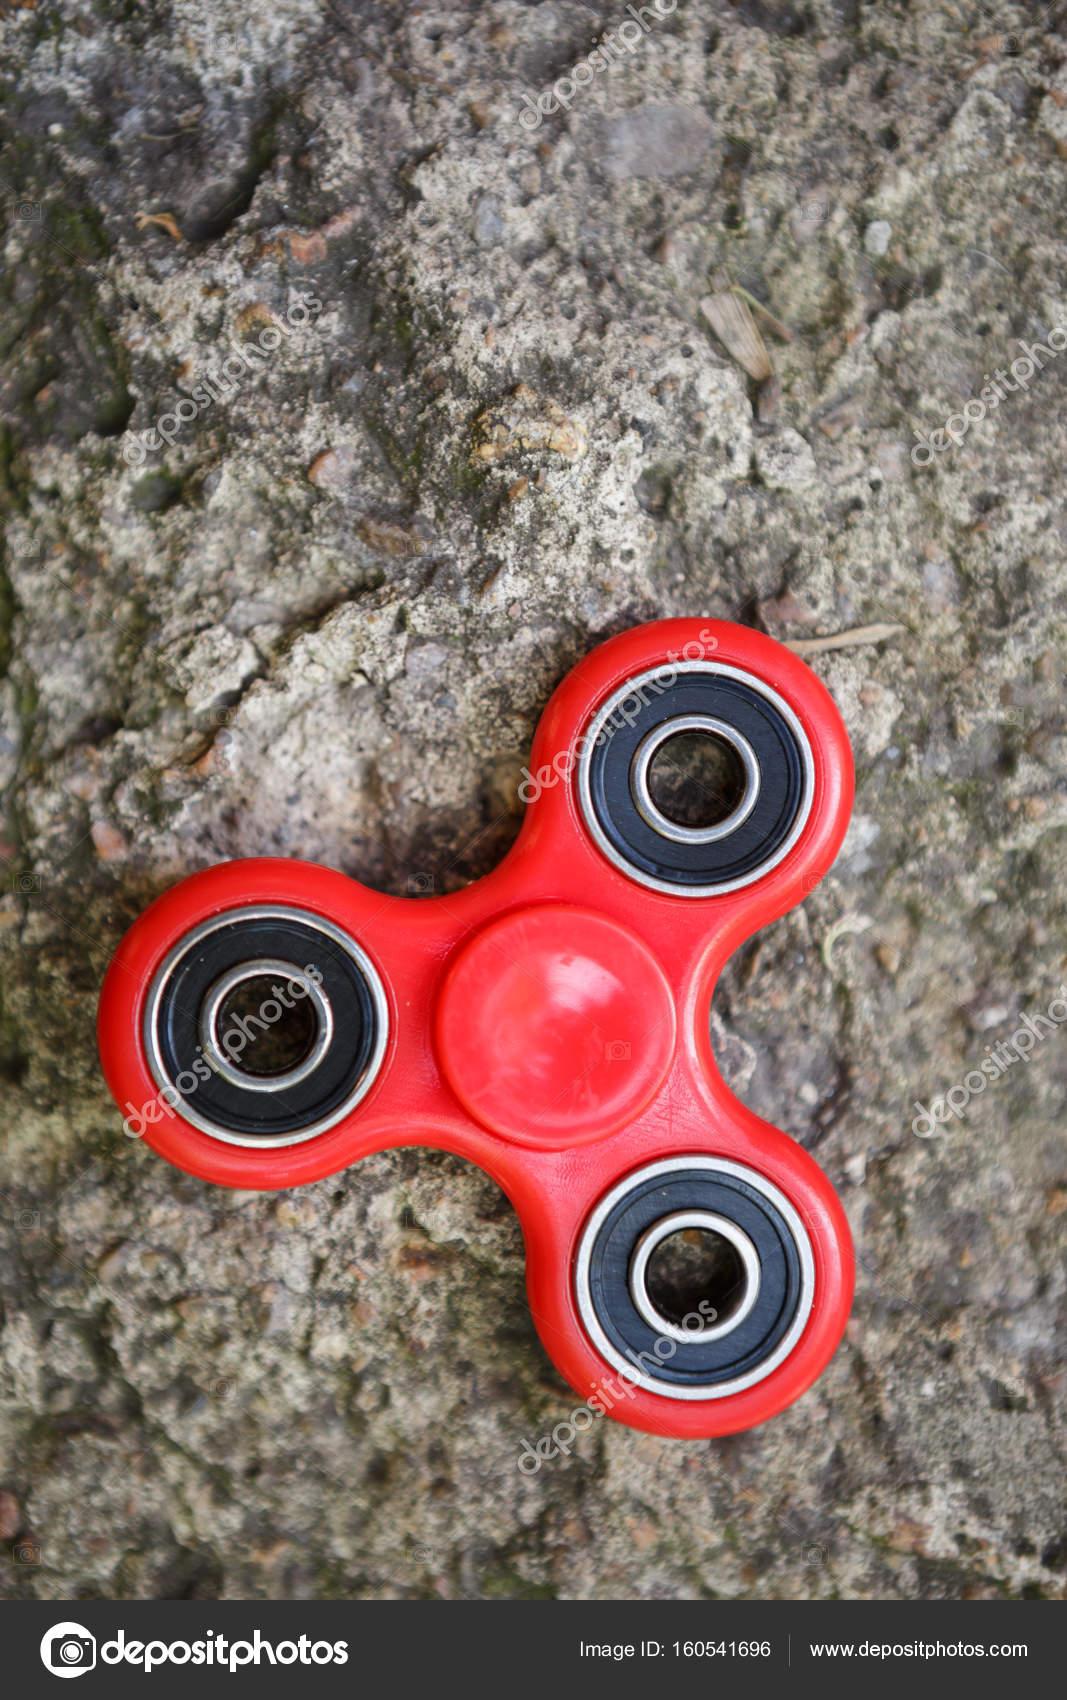 Спиннер — популярная игрушка современности